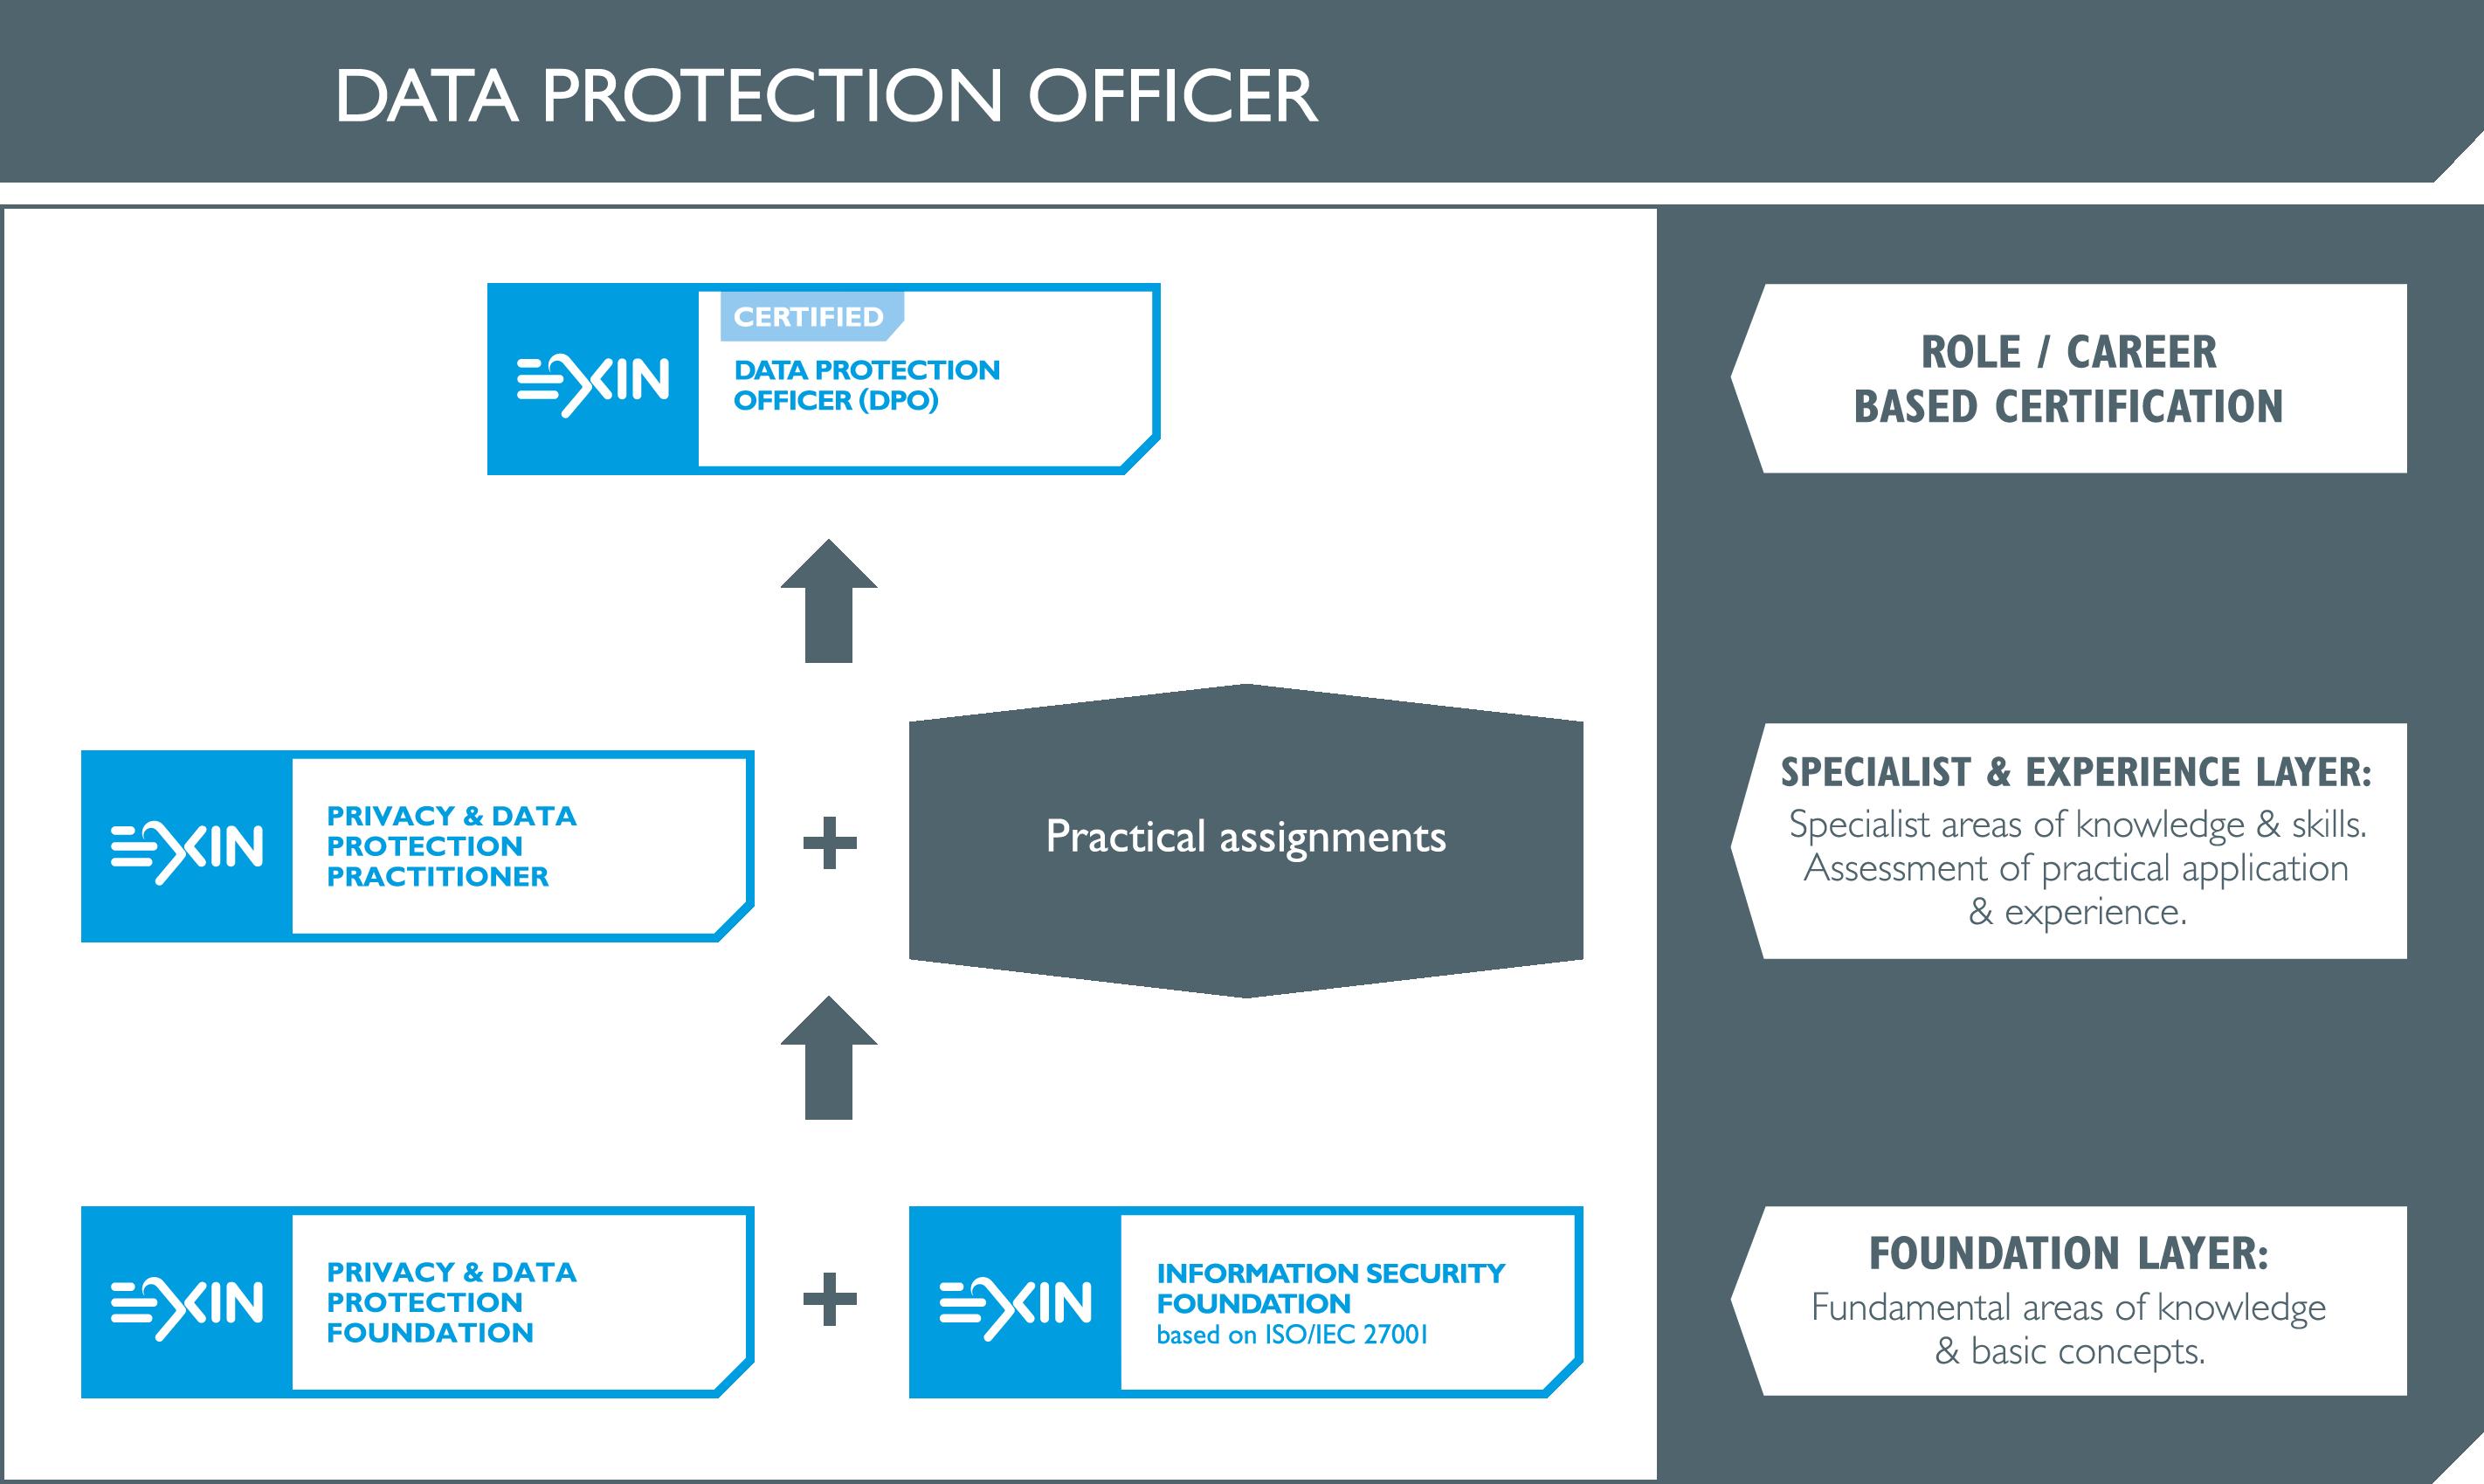 EXIN DATA PROTECTION OFFICER - Carreira / Formação DPO